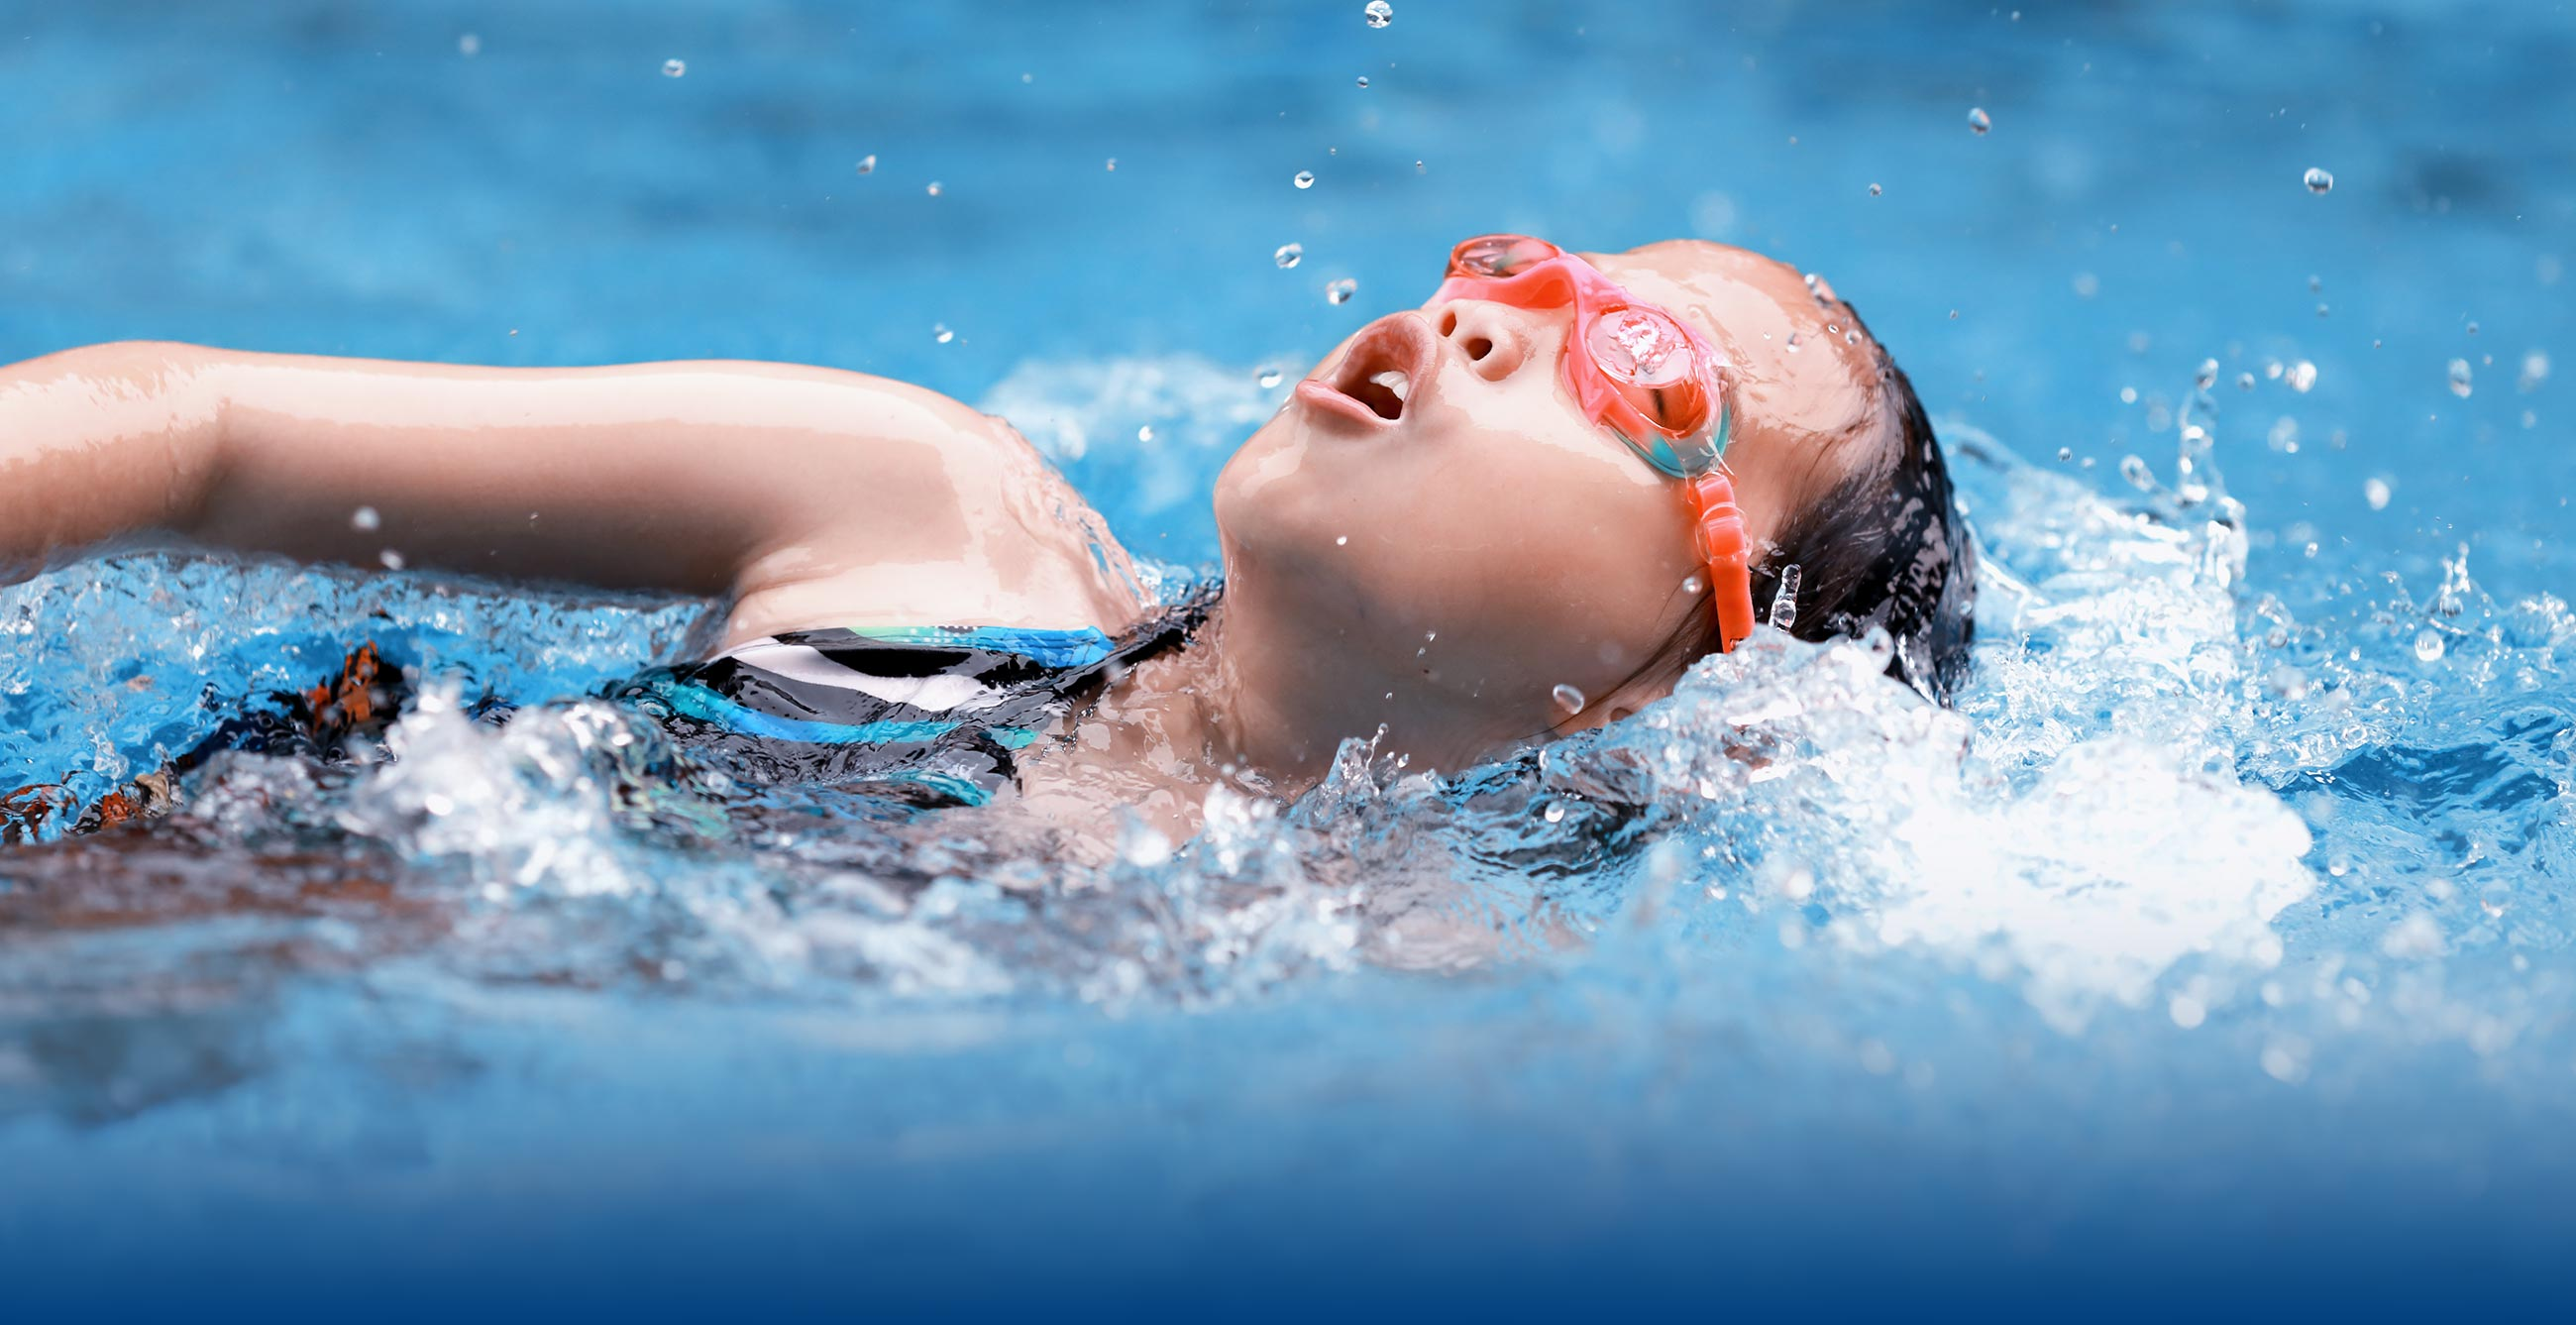 zwem zeker ede